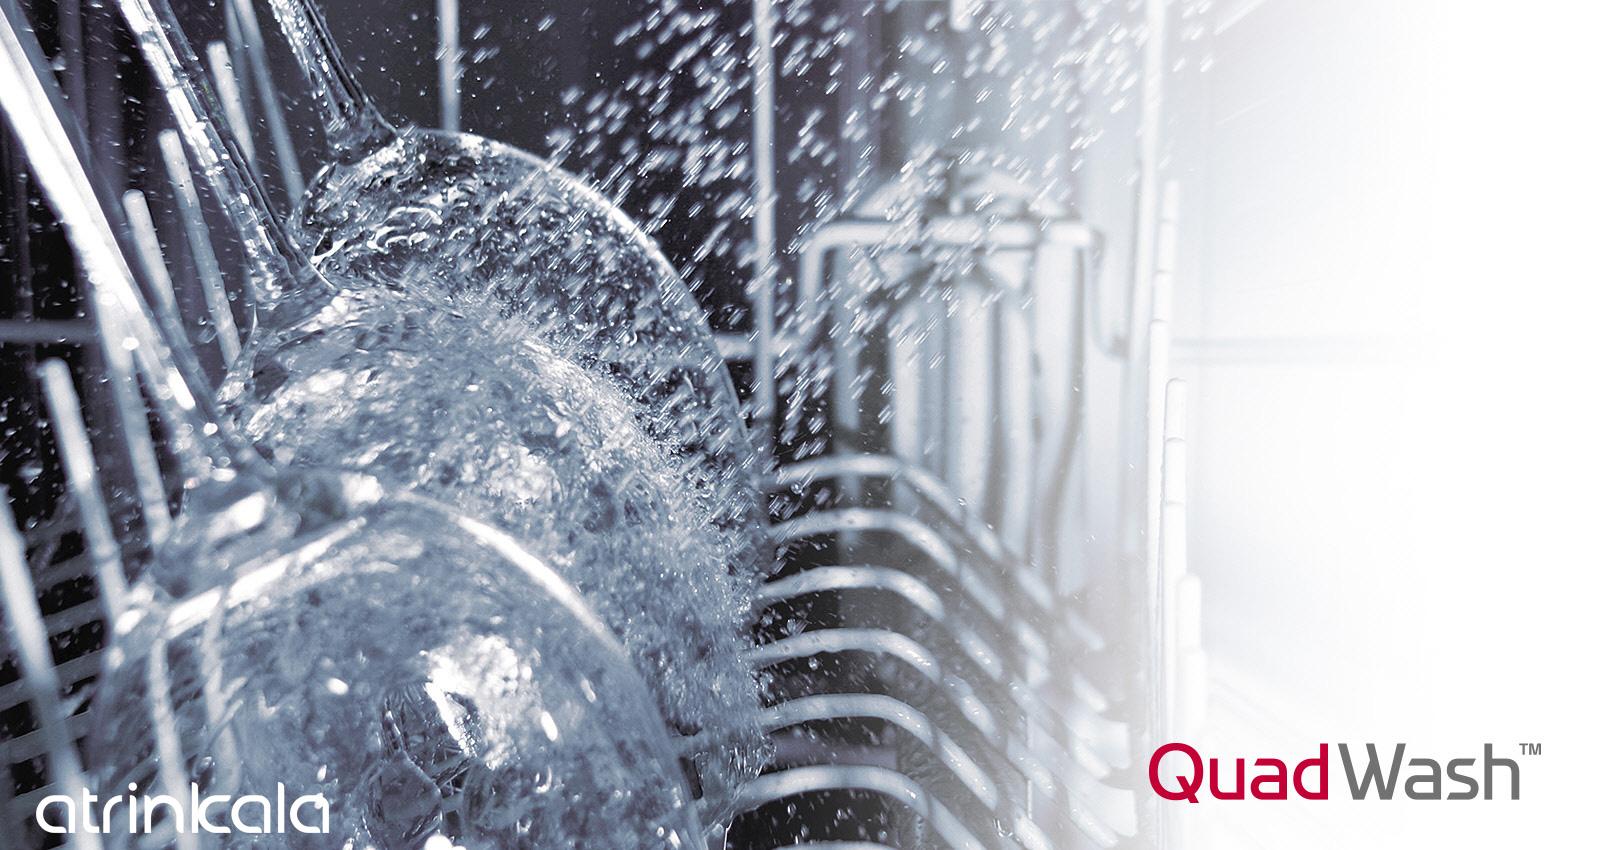 QuadWash ظرفشویی ال جی